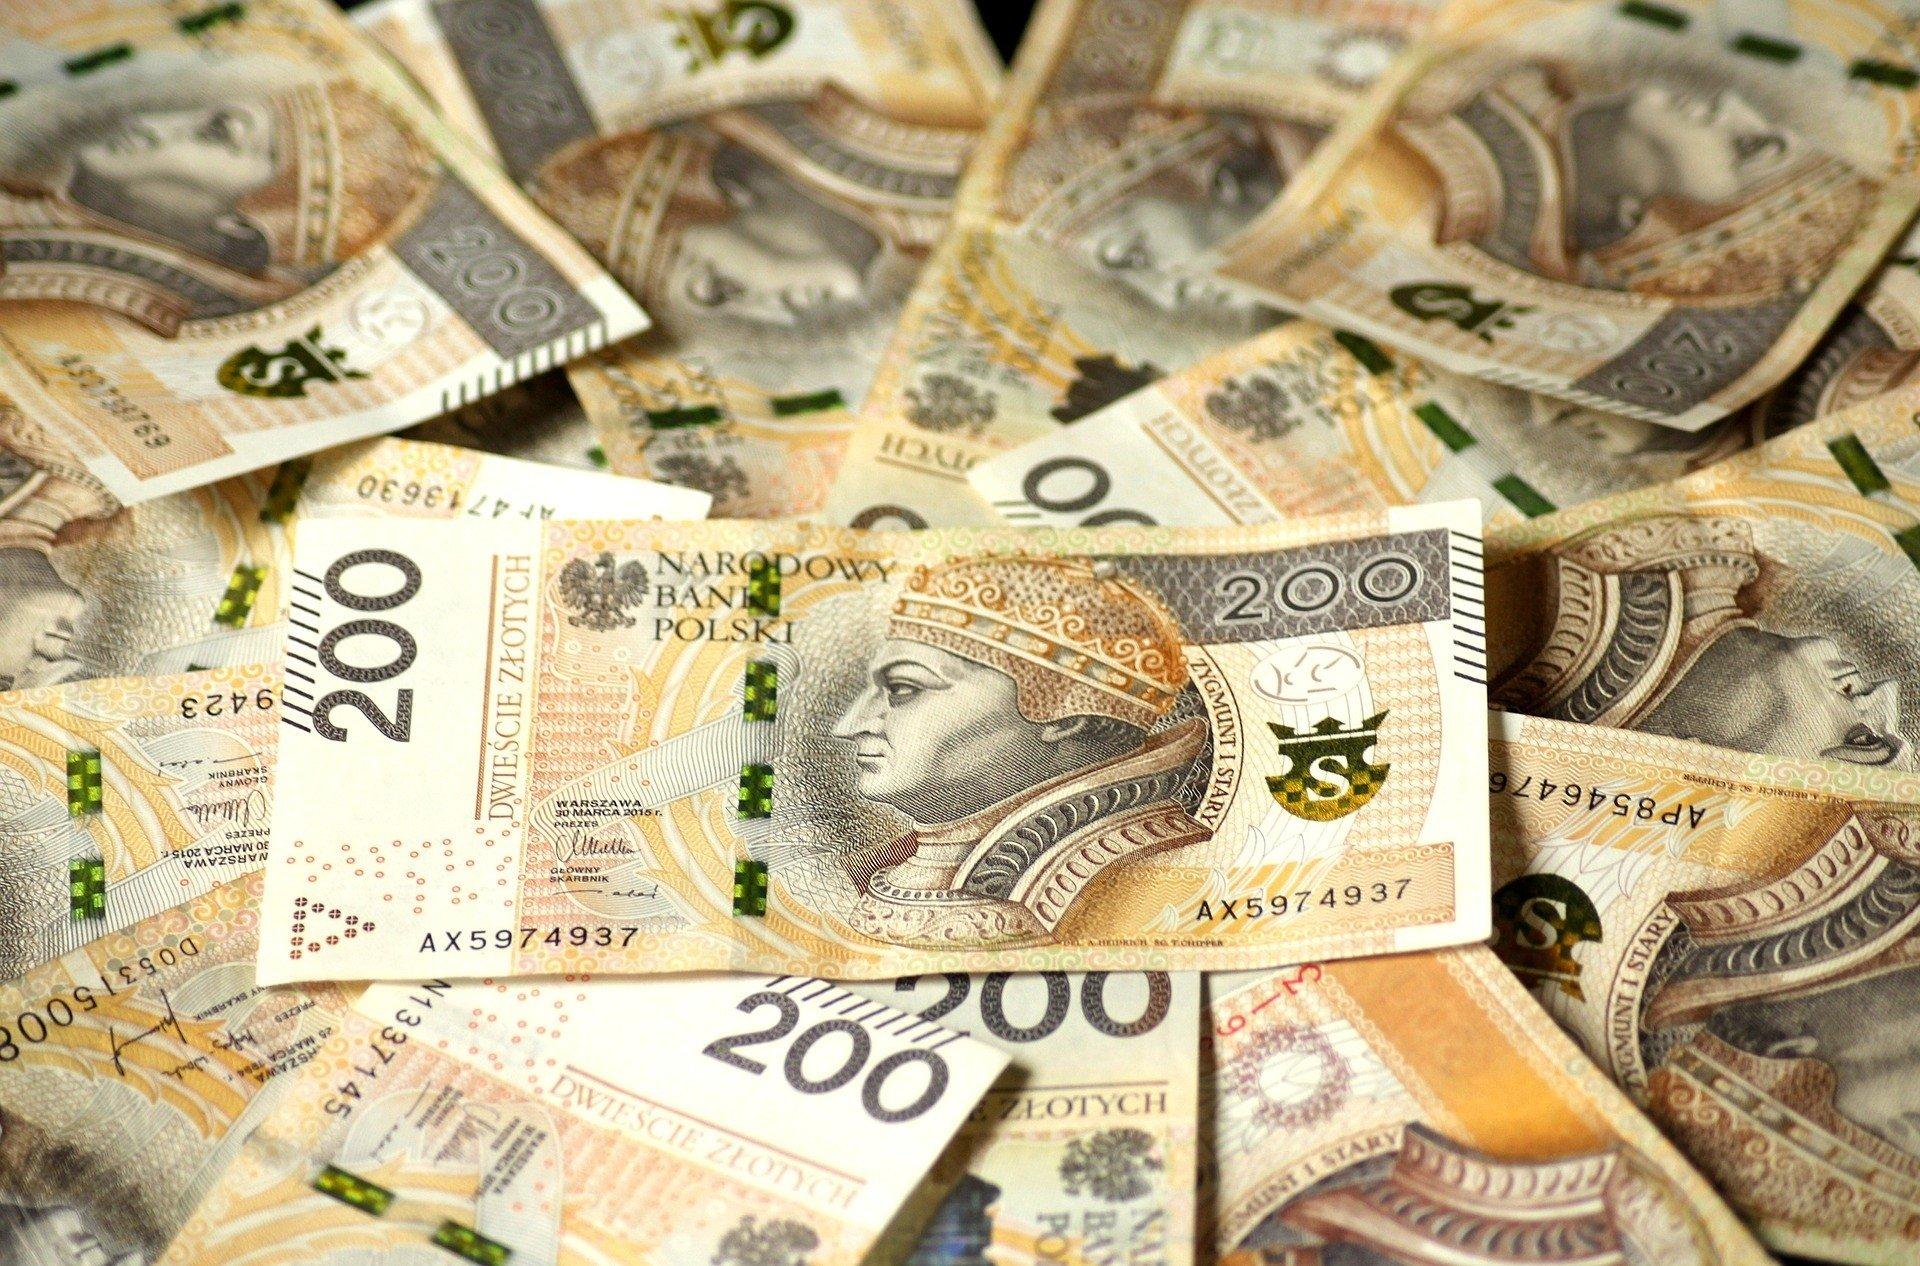 EUROJACKPOT WYNIKI 21.02.2020: w wyniku kumulacji Eurojackpot 100 milionów do wygrania. Lotto: szczęśliwe liczby 21 lutego 2020 r. | Głos Wielkopolski